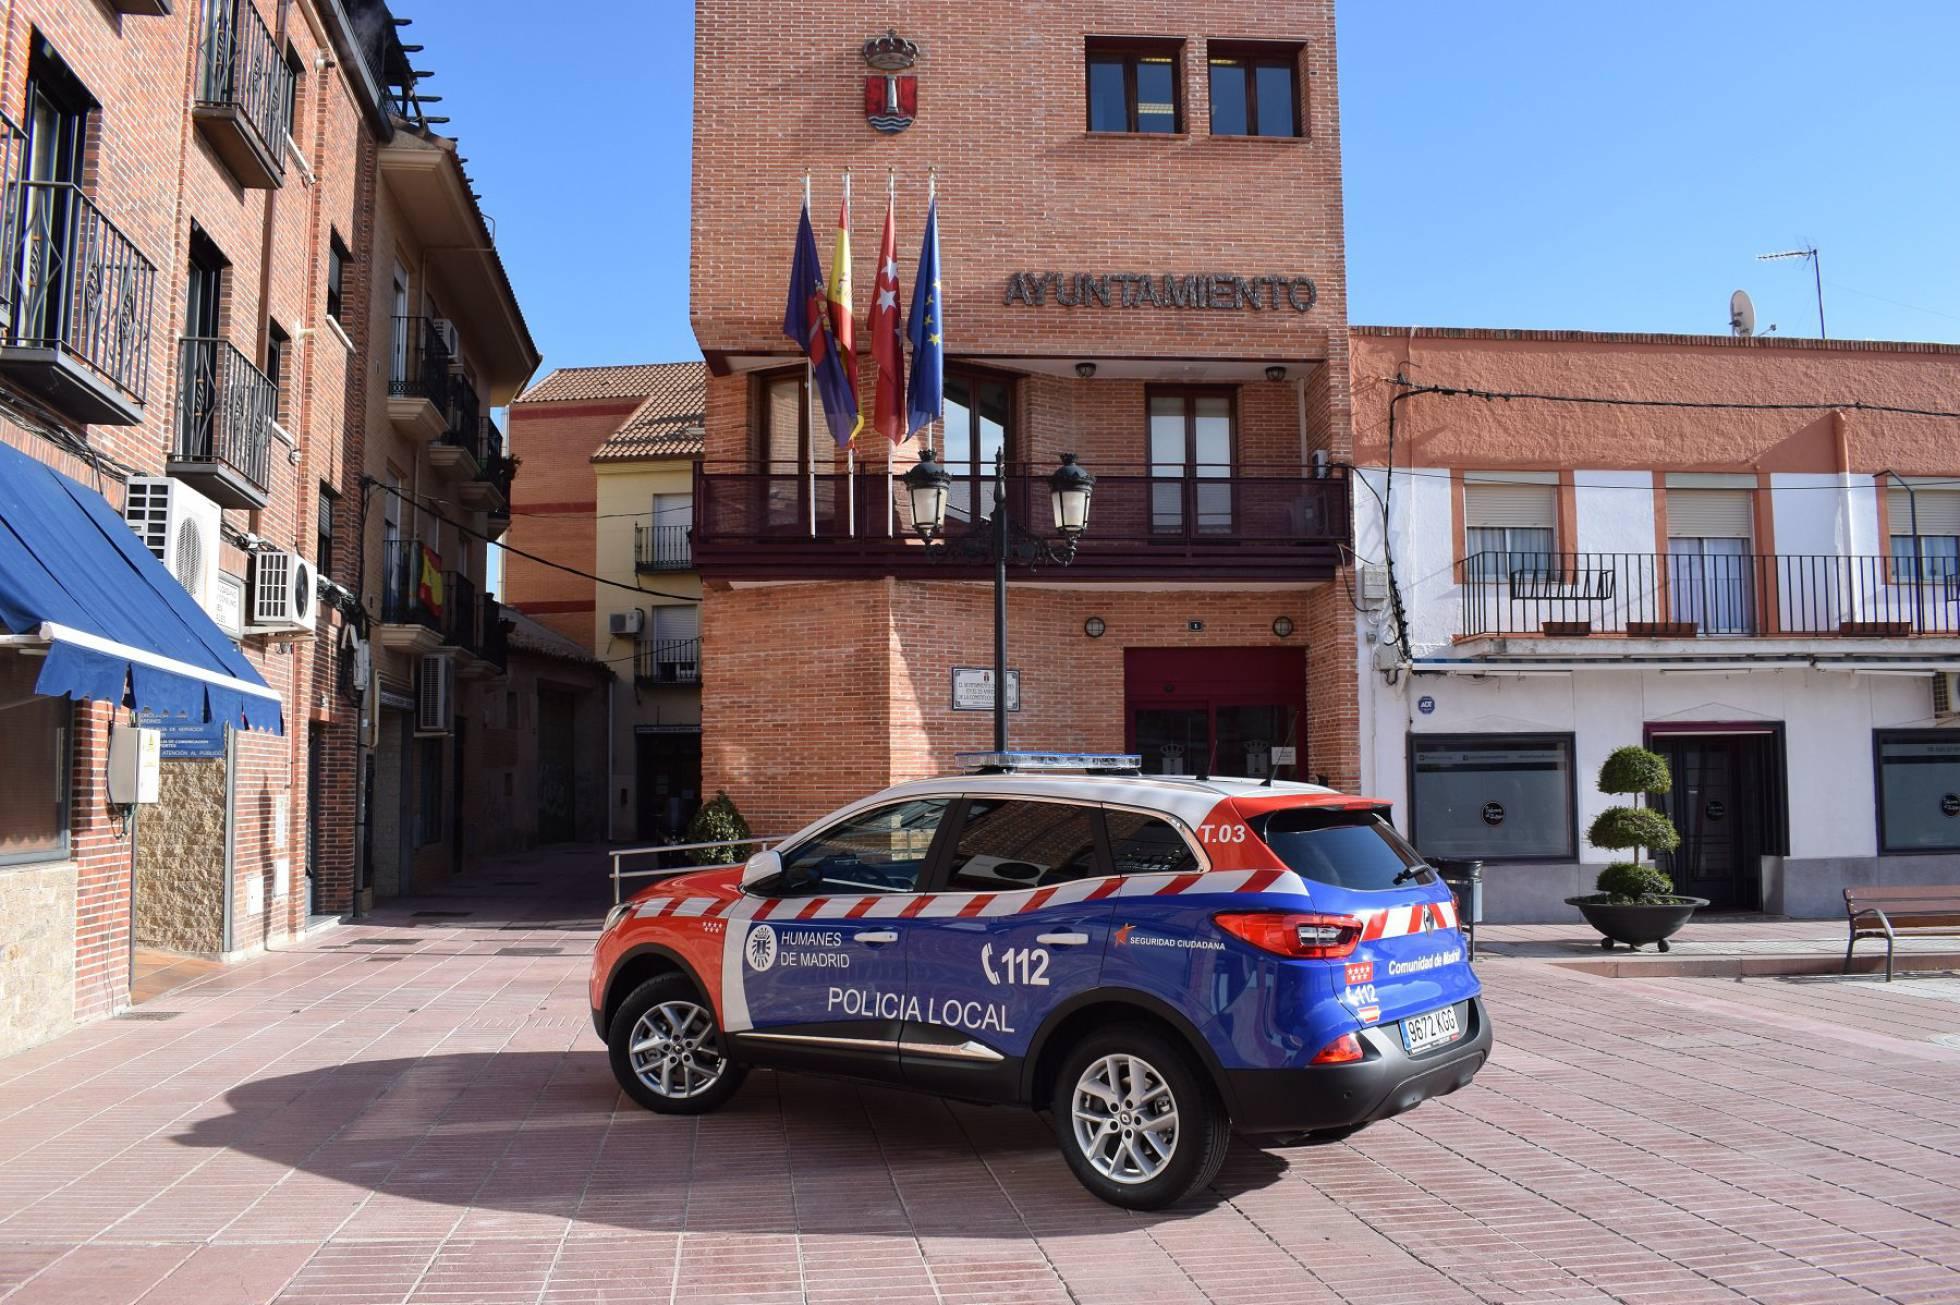 В трех населенных пунктах региона Мадрид будет действовать бесплатный интернет